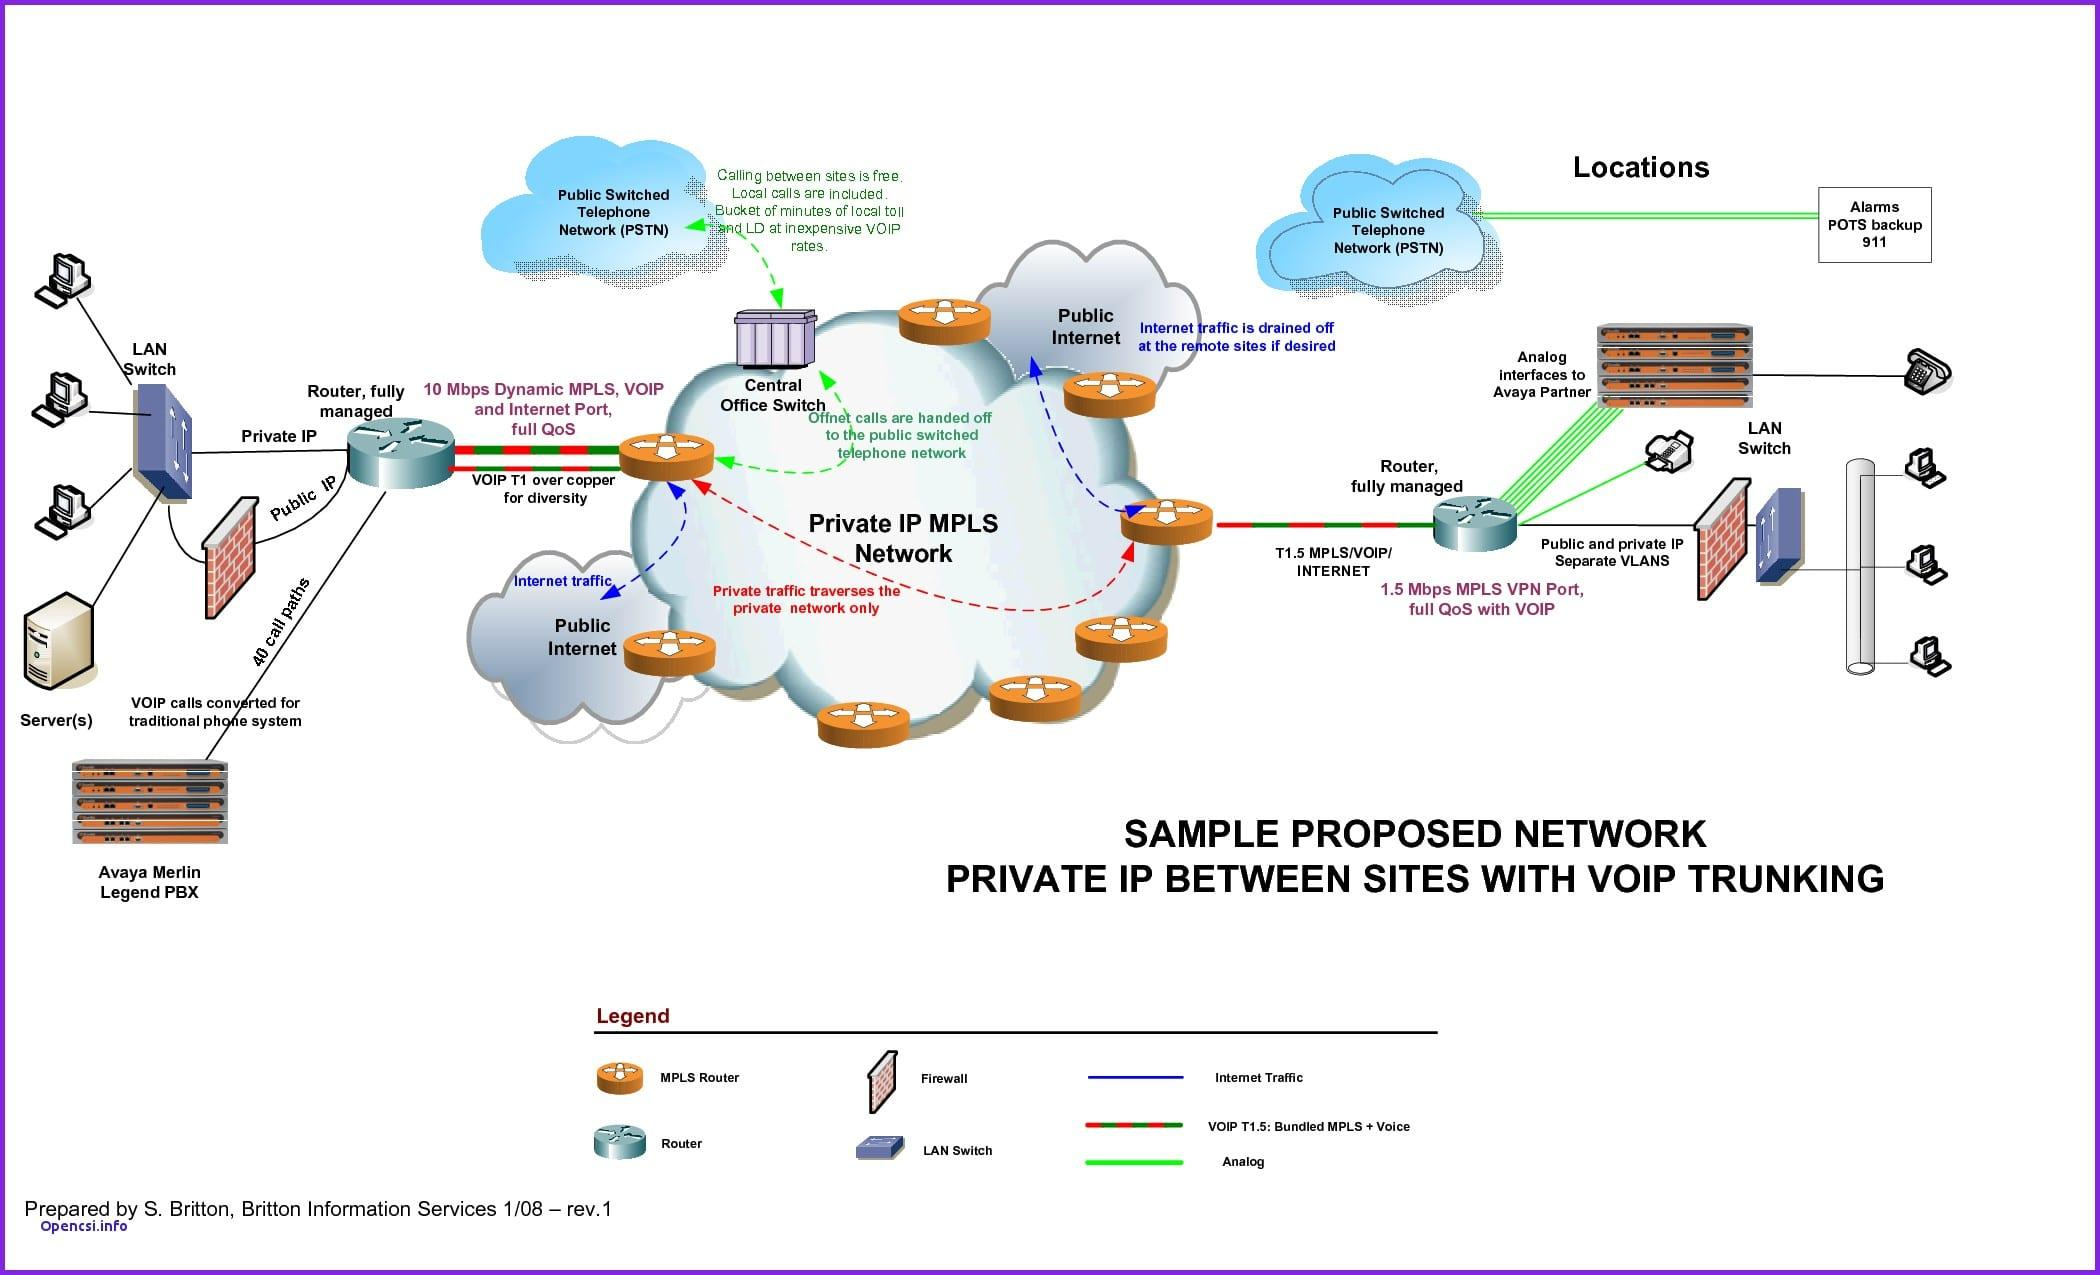 Free Visio Diagram Templates